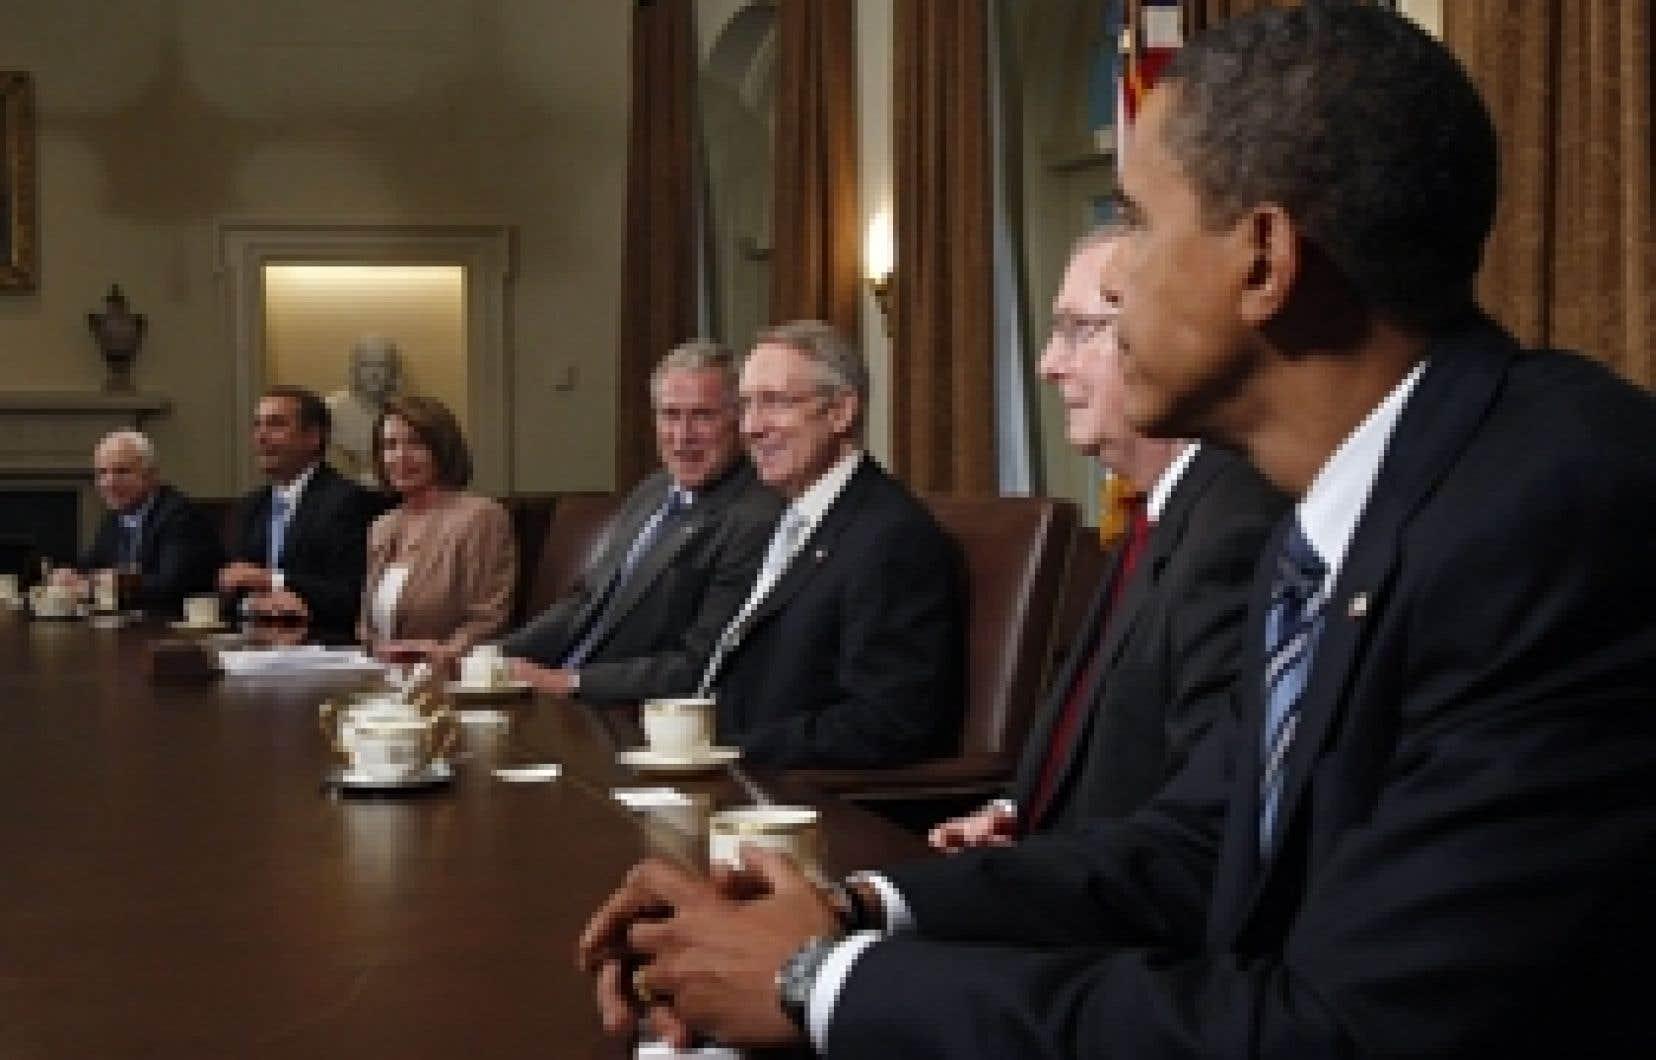 La rencontre entre le président Bush et les candidats à la présidence, John McCain et Barack Obama, n'a pas donné les résultats escomptés.